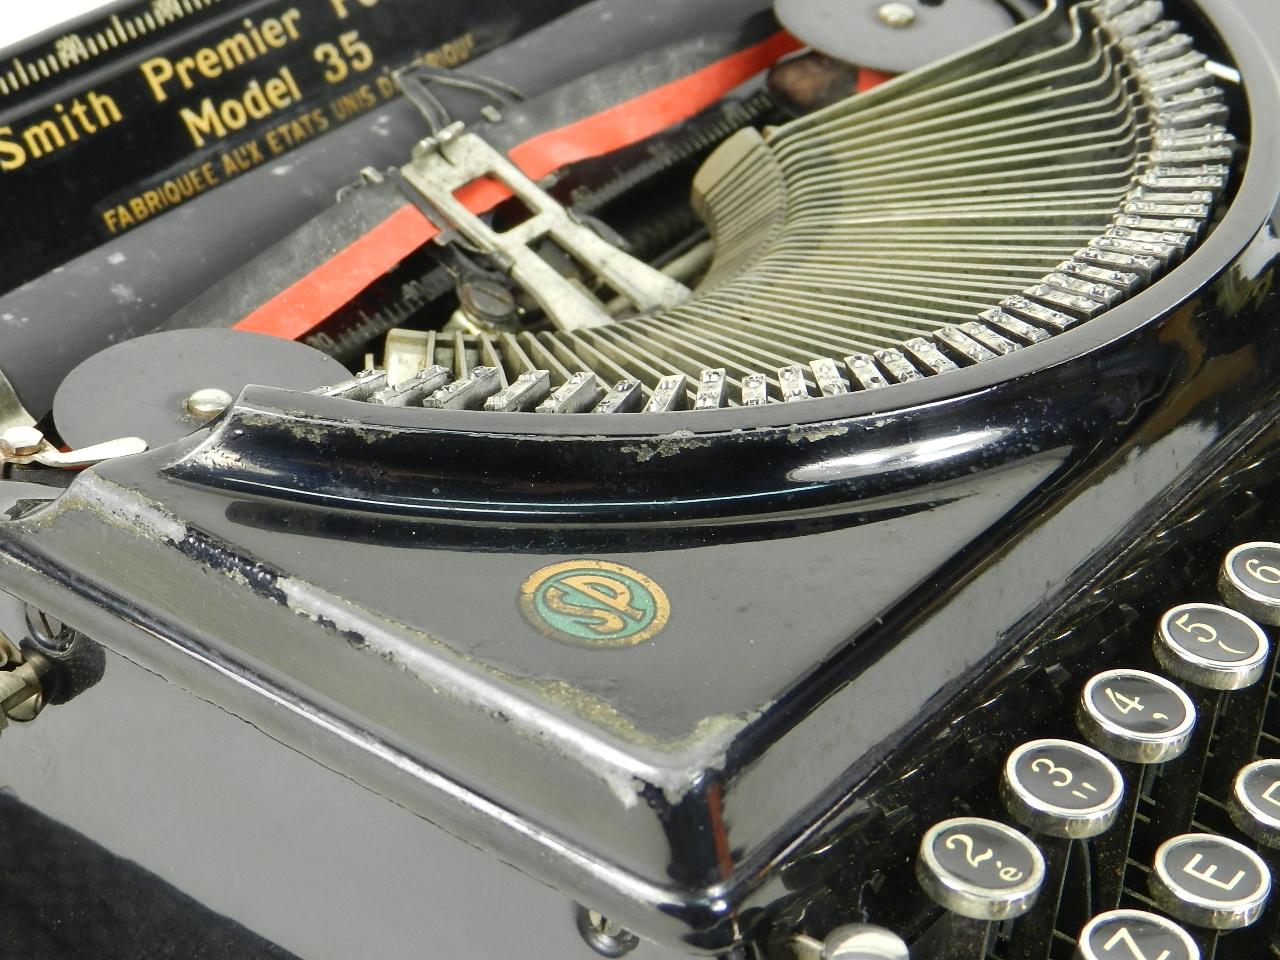 Imagen SMITH PREMIER MODEL 35 AÑO 1935 30480